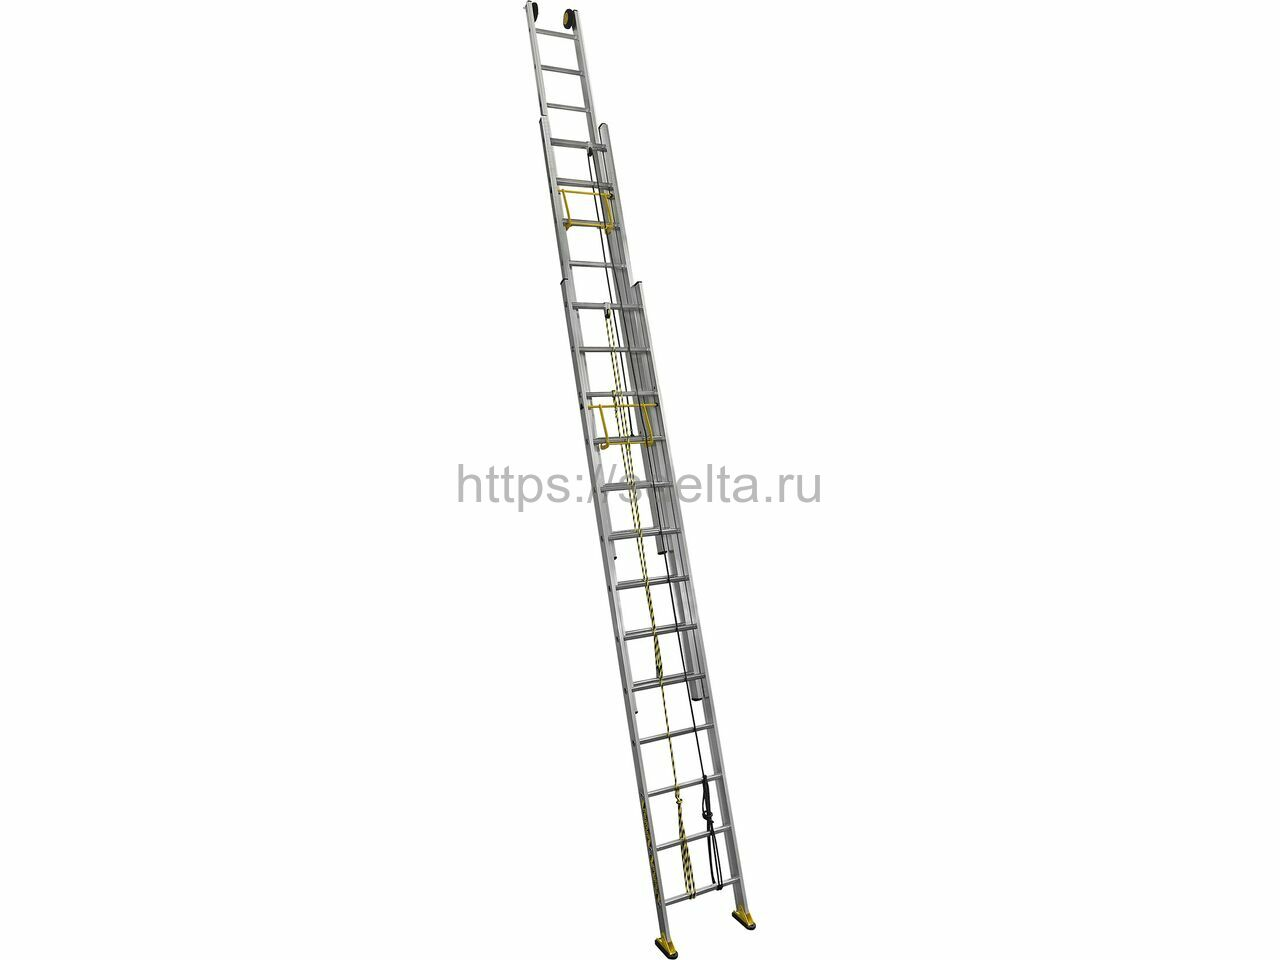 Трехсекционная алюминиевая выдвижная лестница Centaure C3 3х24 NEW